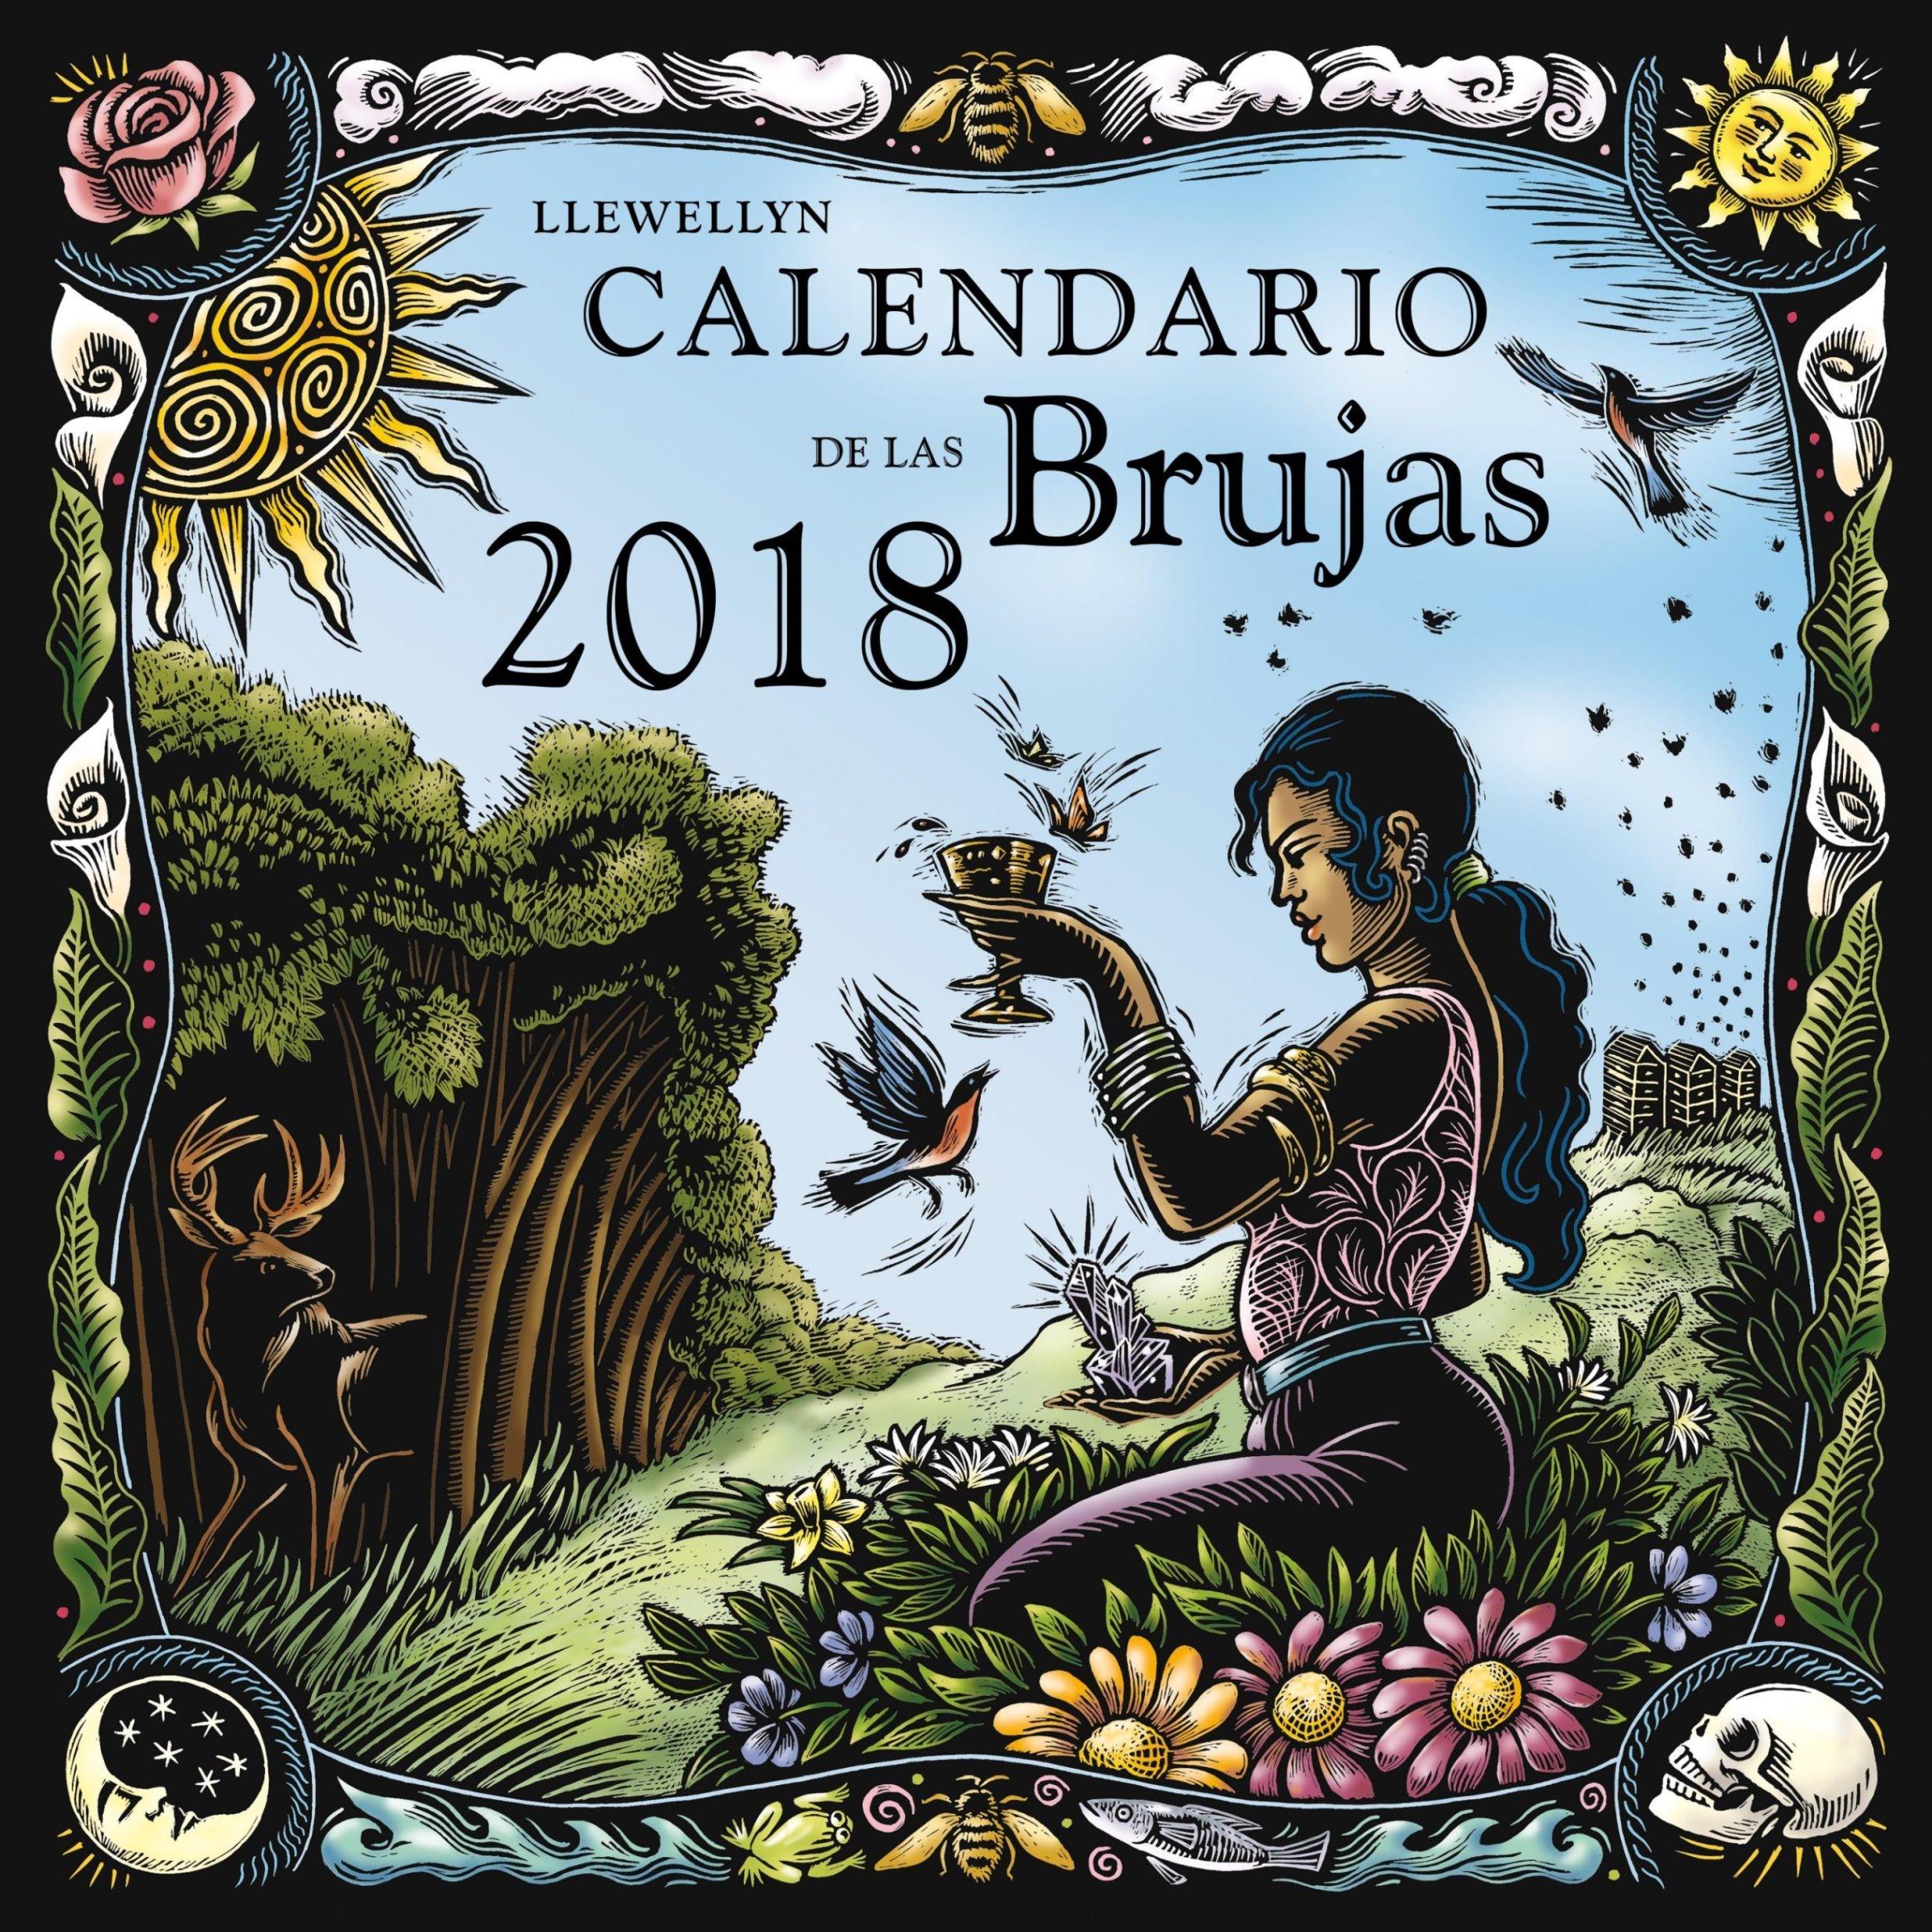 Calendario de las brujas 2018 (Spanish Edition)